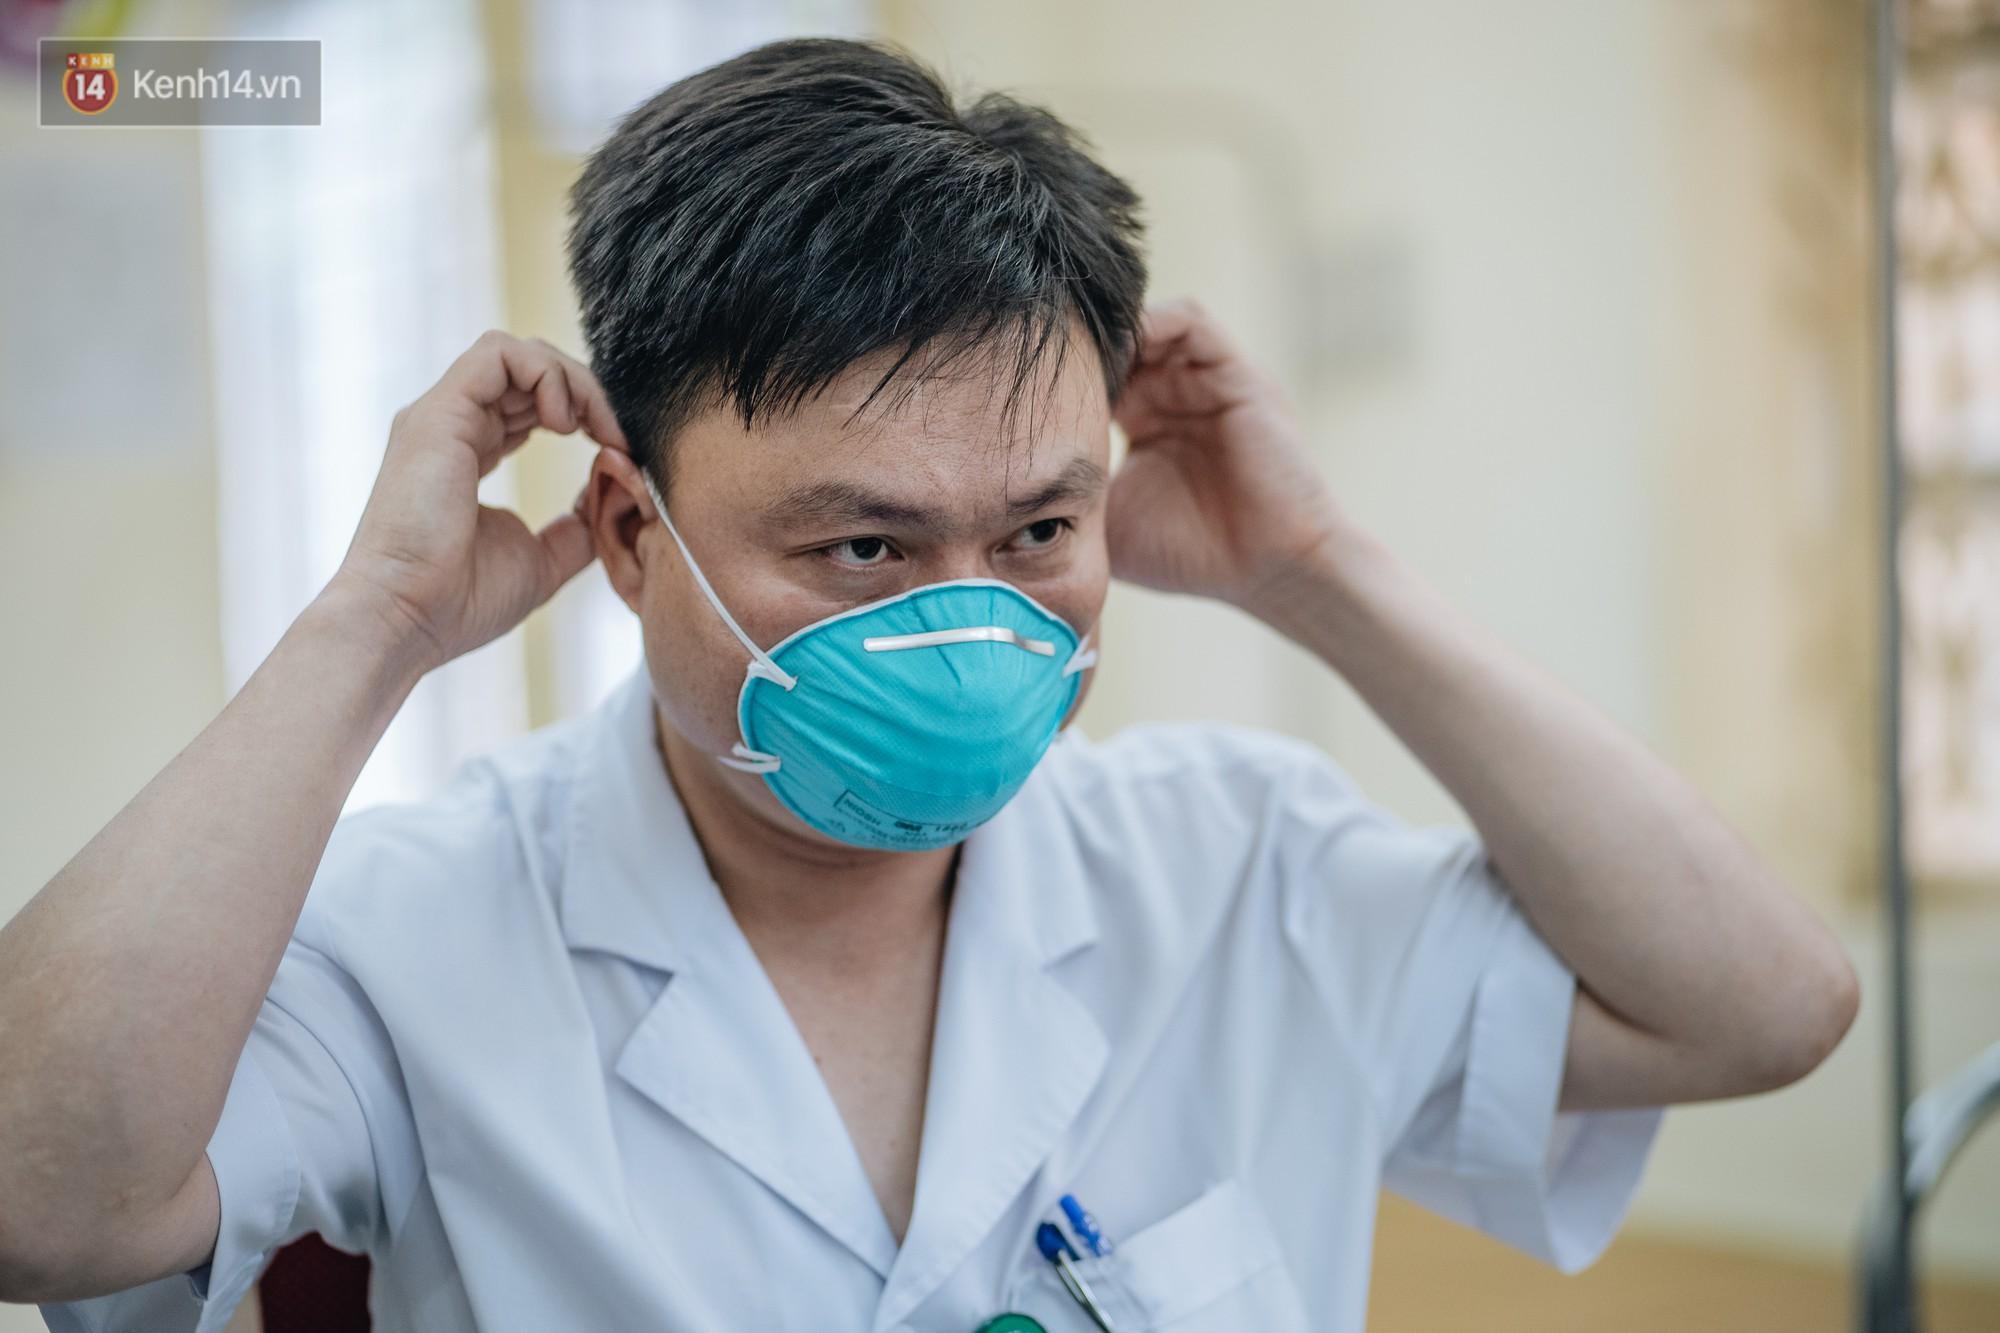 VZN News: Bác sĩ cảnh báo tình trạng ô nhiễm không khí ở Hà Nội: Chúng ta đang quá lạm dụng khái niệm khẩu trang y tế - Ảnh 5.